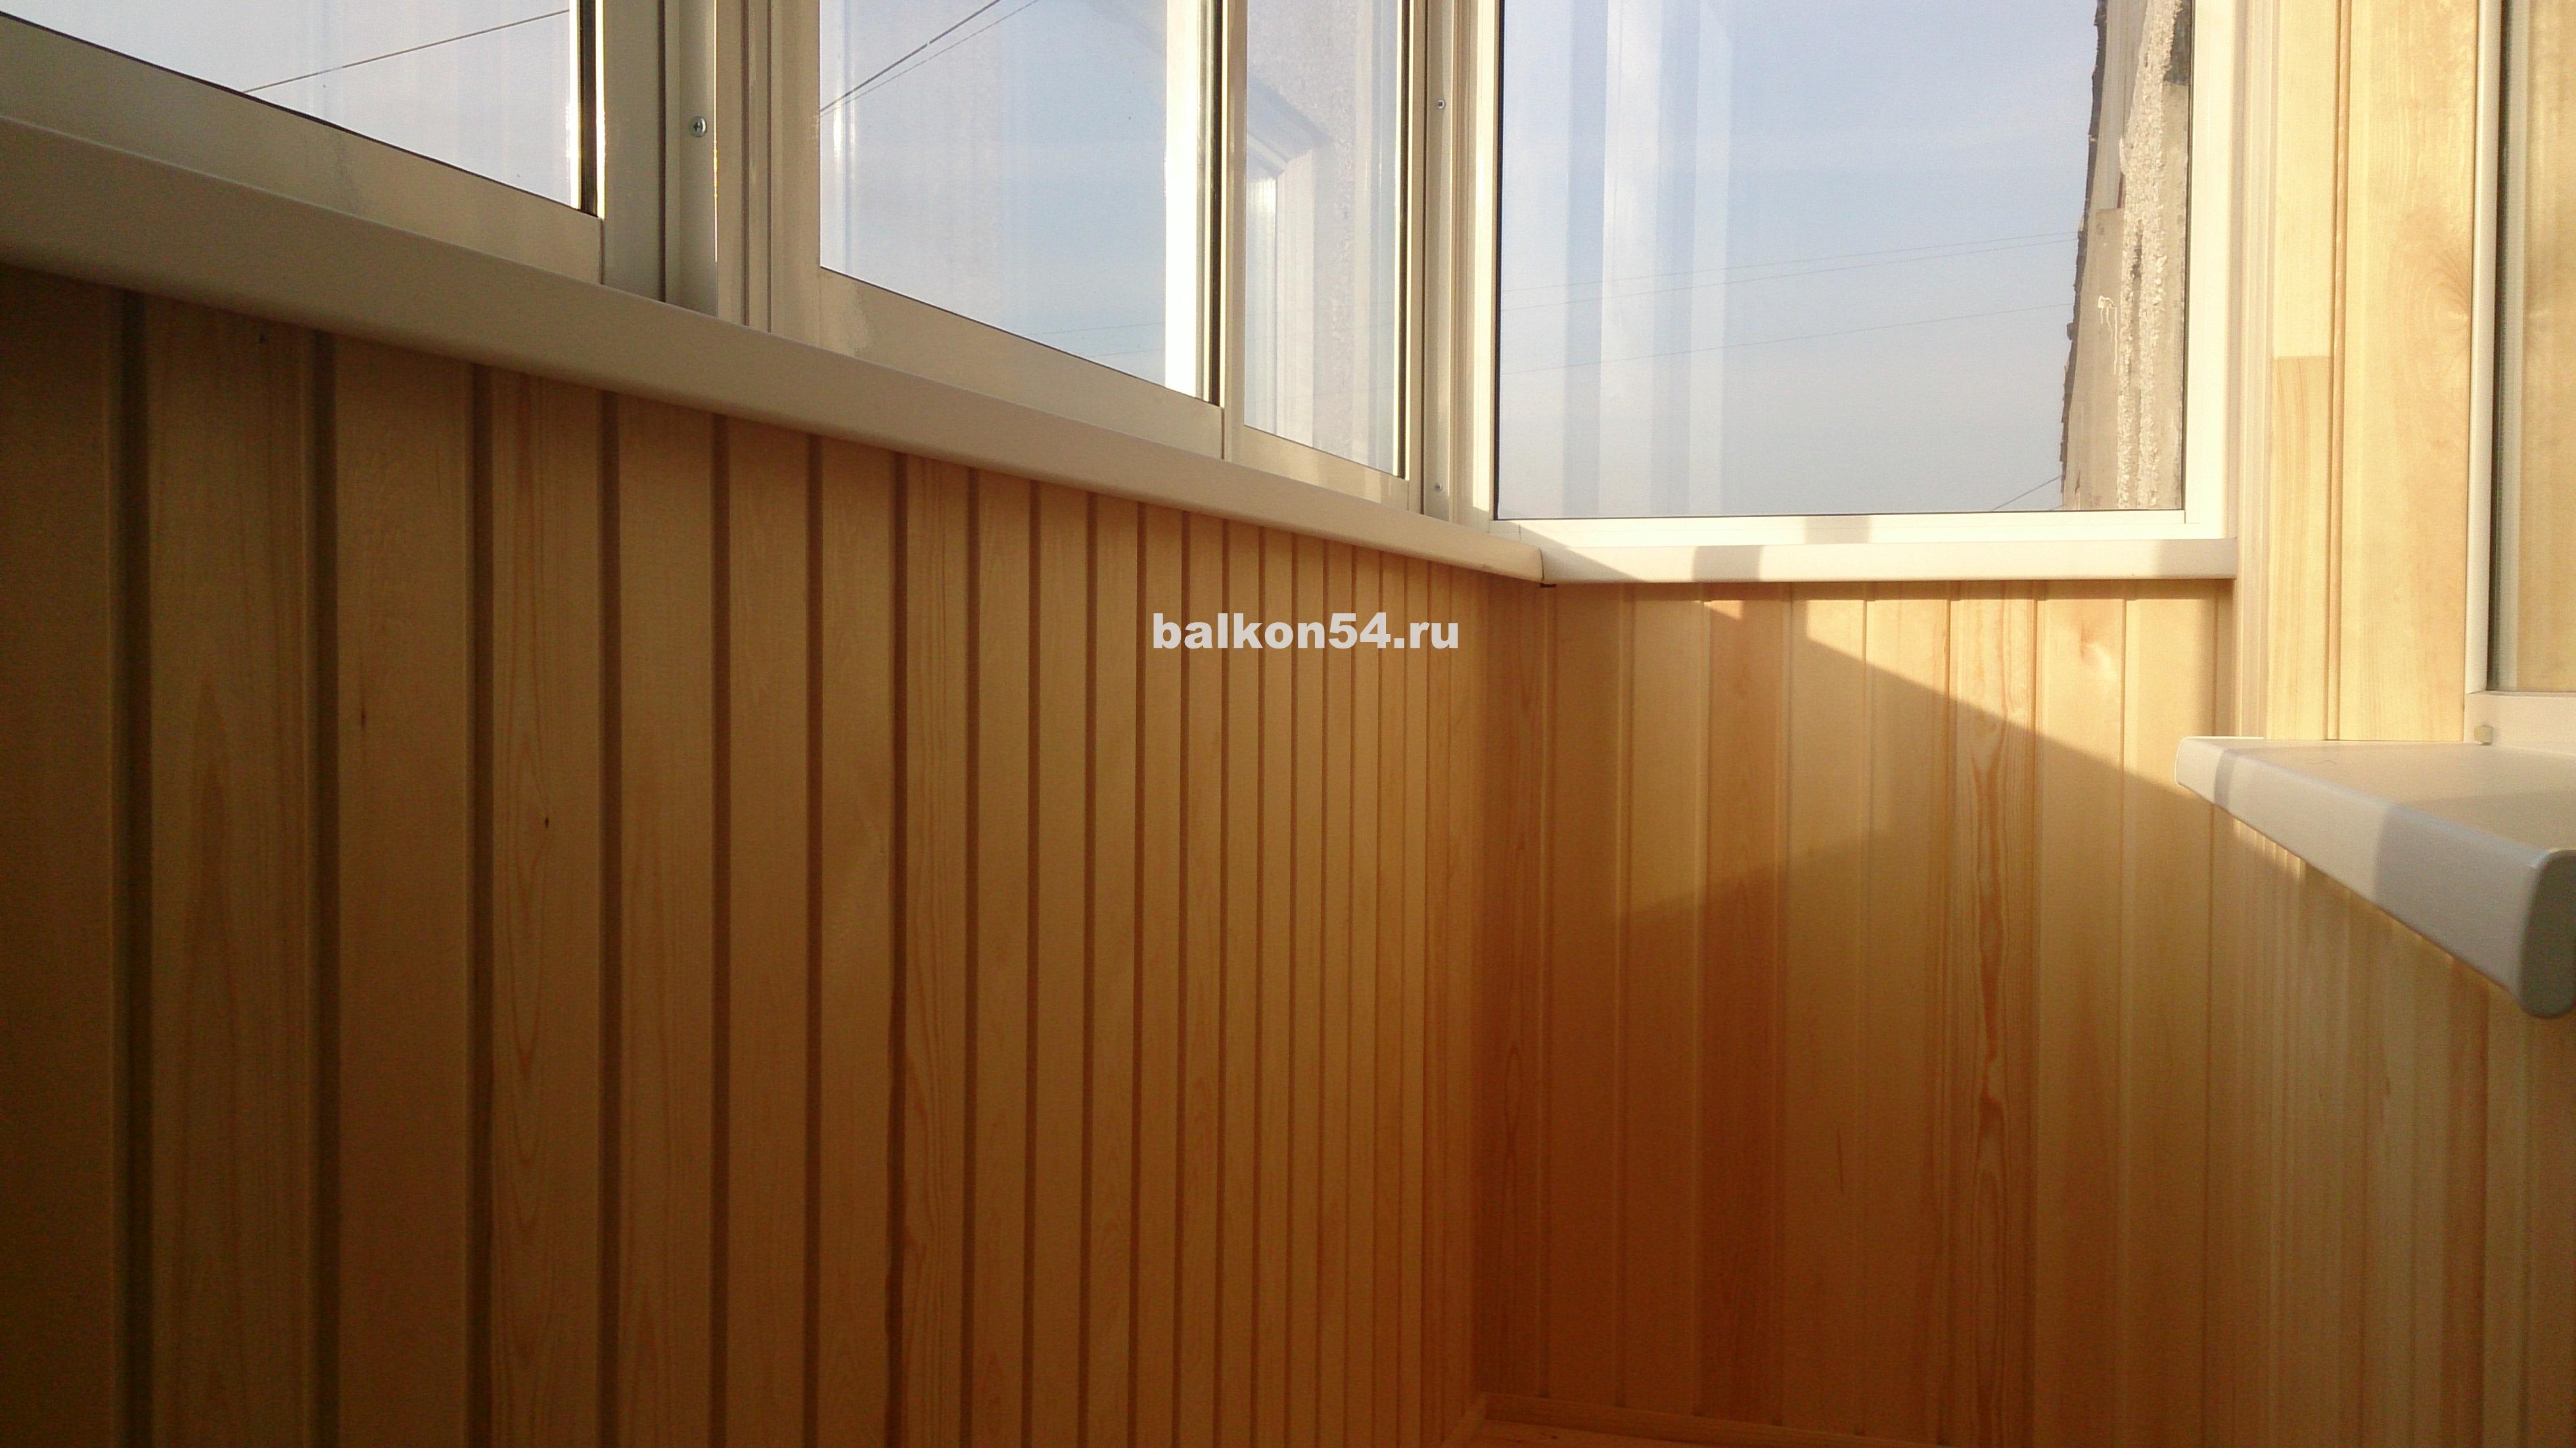 Отделка балконов своими руками в хрущевках